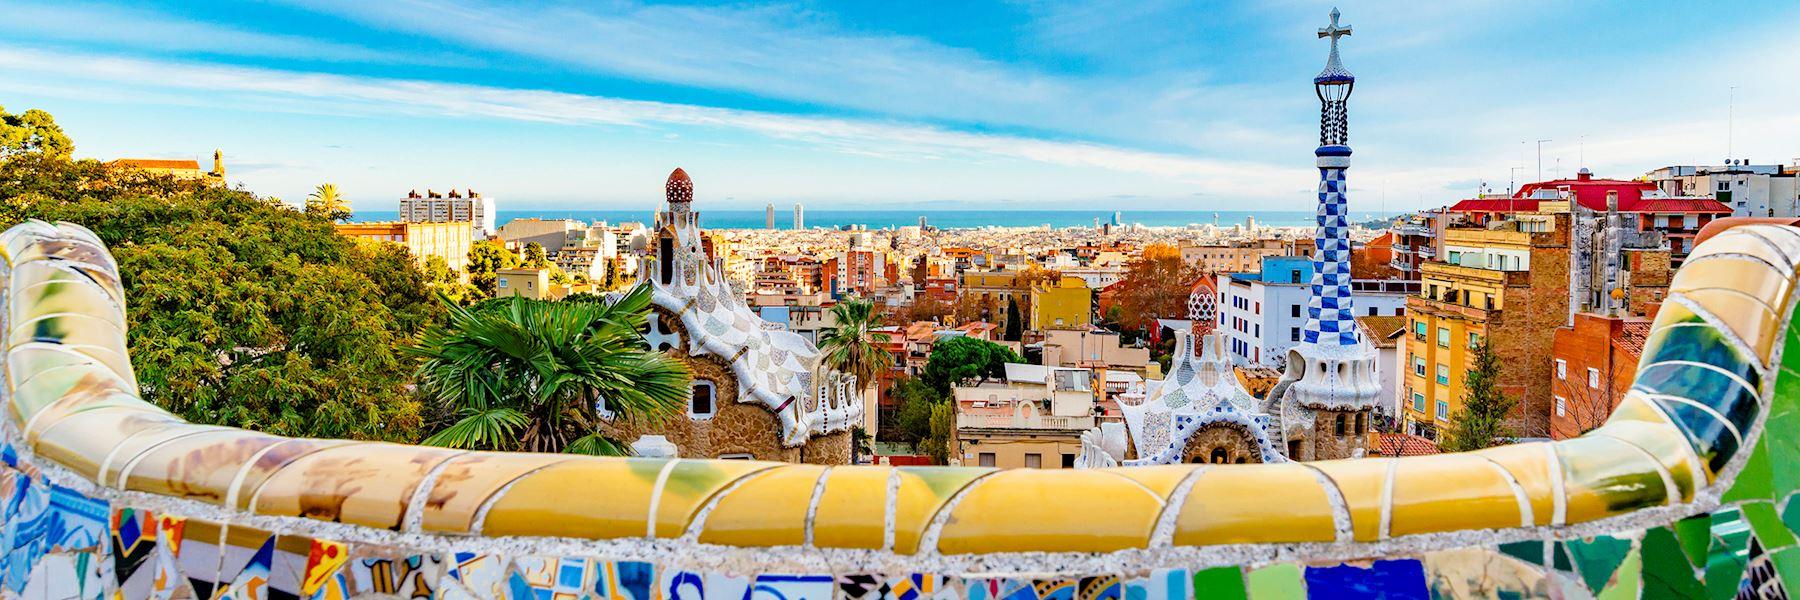 Spain trip ideas